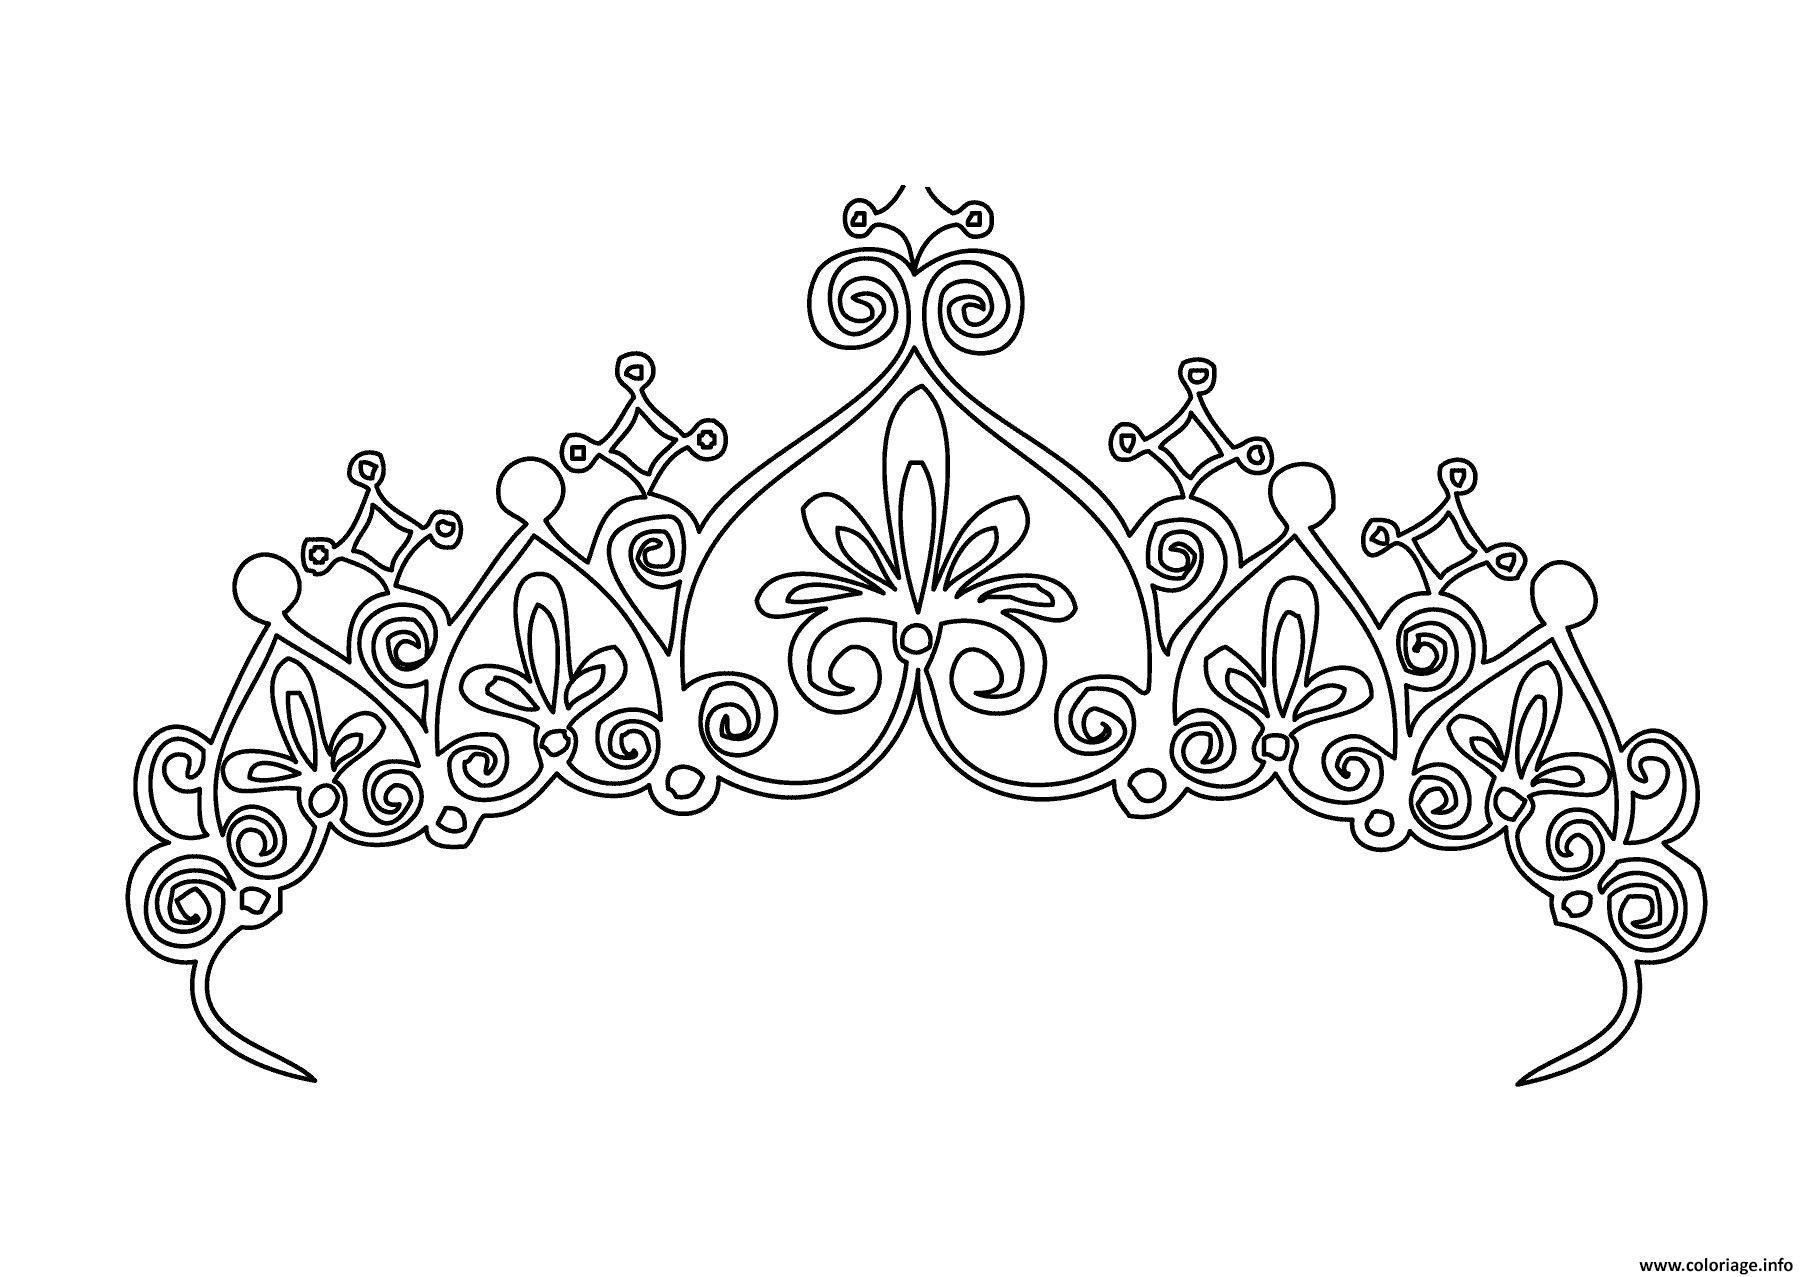 Coloriage Couronne Princesse Fille Dessin Couronne à imprimer